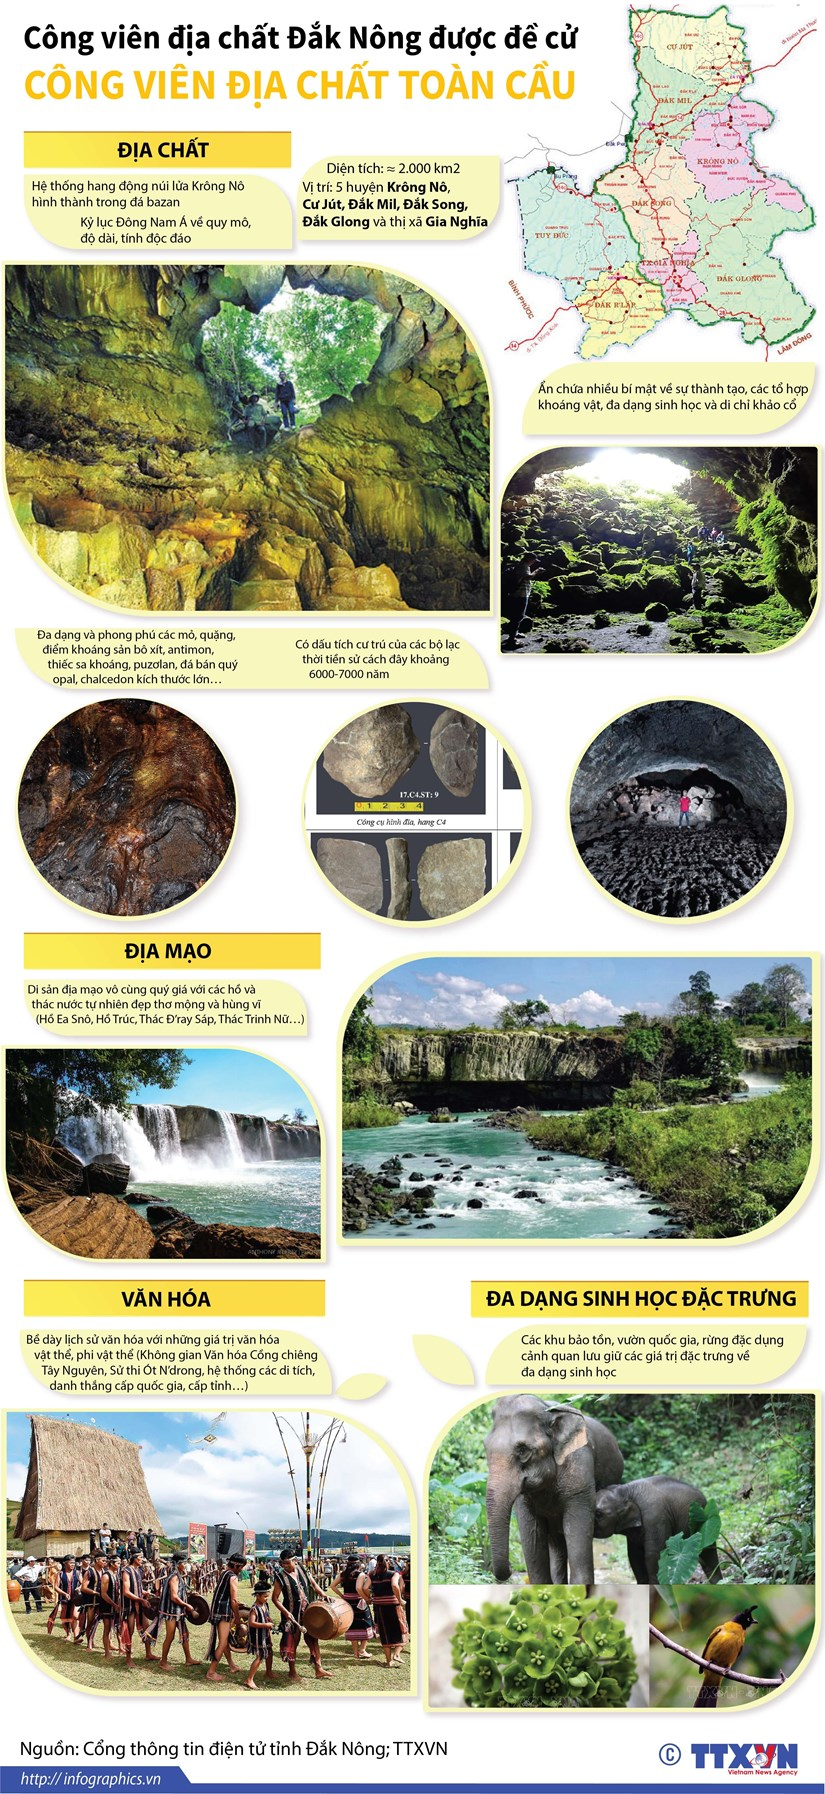 Công viên địa chất Đắk Nông được đề cử công viên địa chất toàn cầu